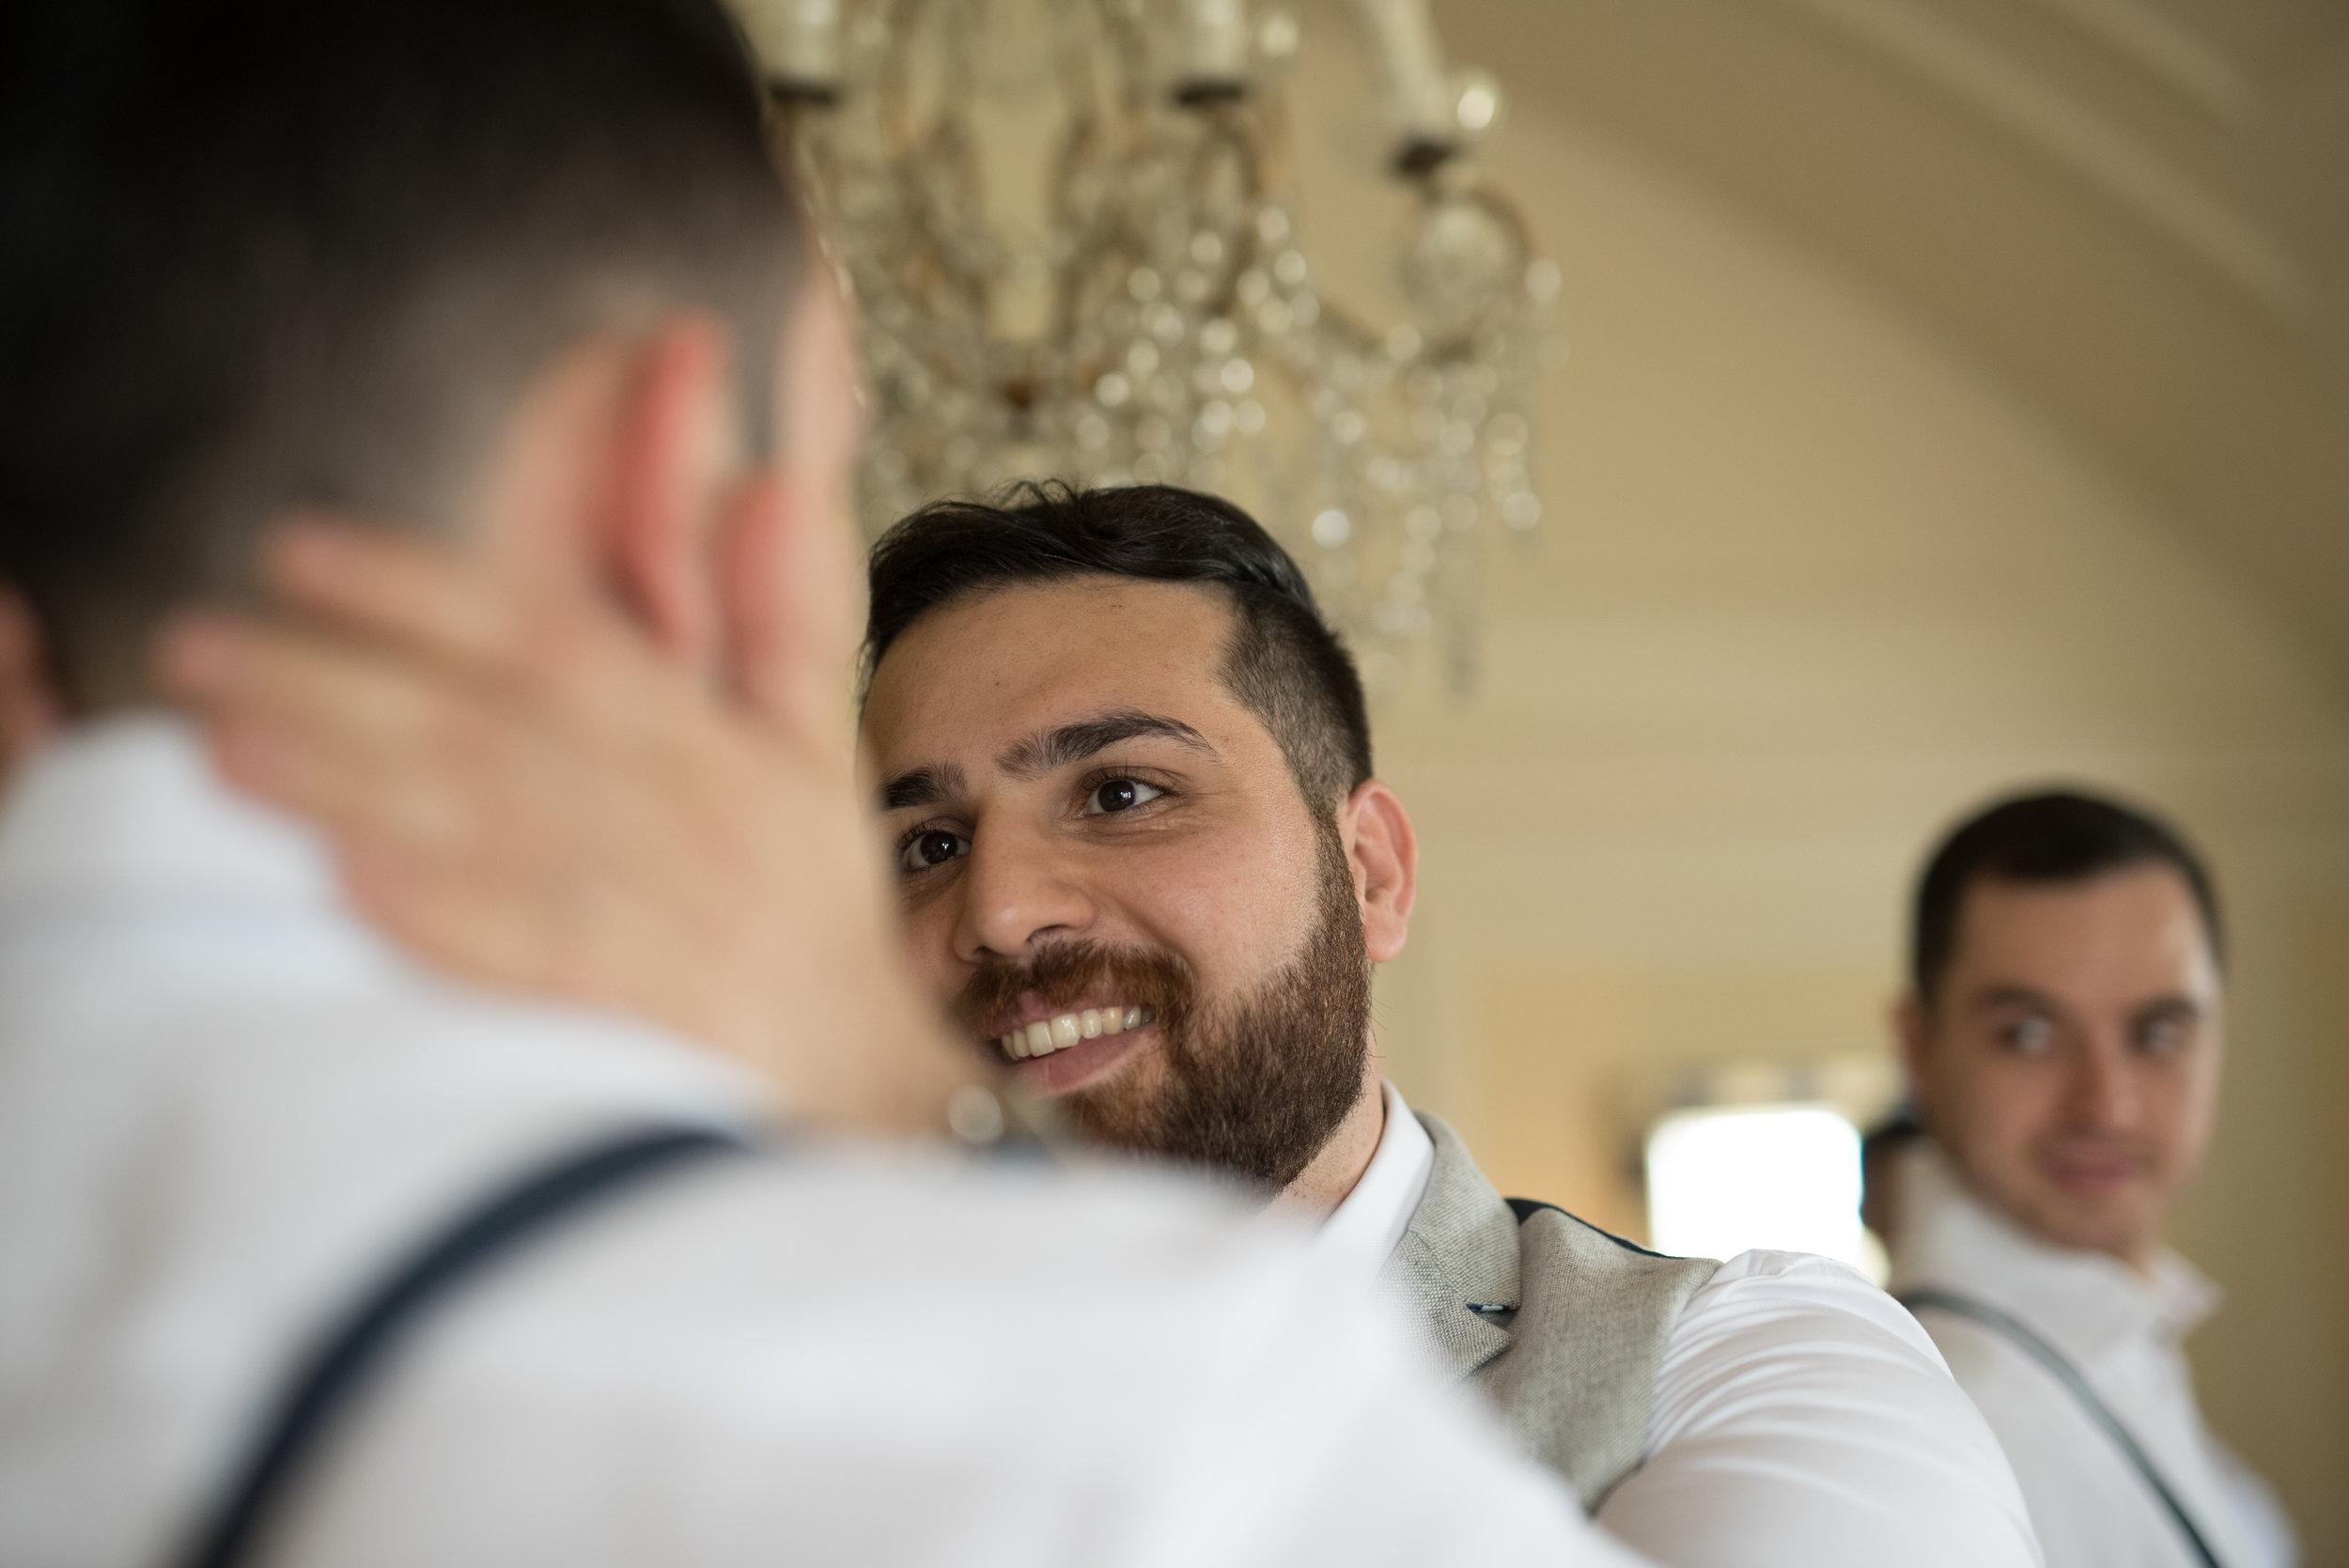 Danesfield House wedding, Danesfield House wedding photography, Danesfield House wedding photography, best men wedding photography